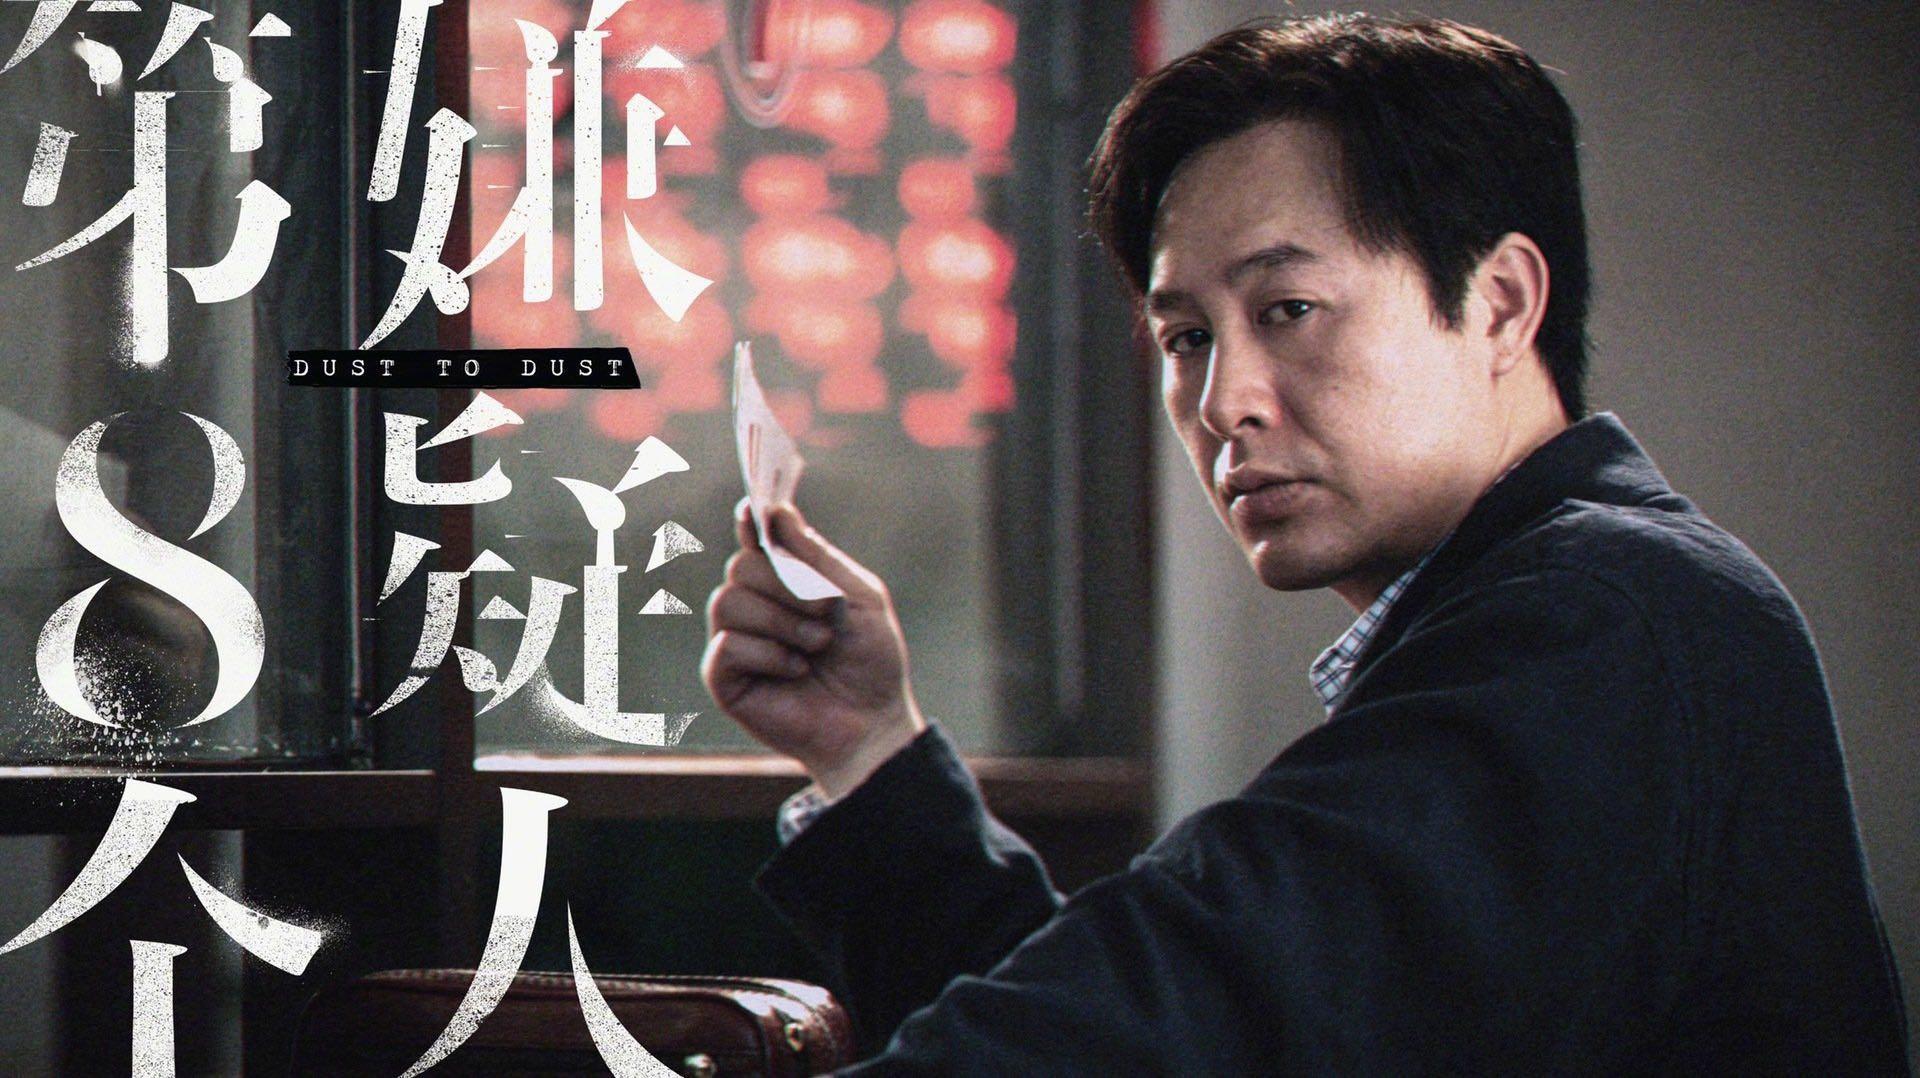 张颂文出演电影《第八个嫌疑人》.jpg